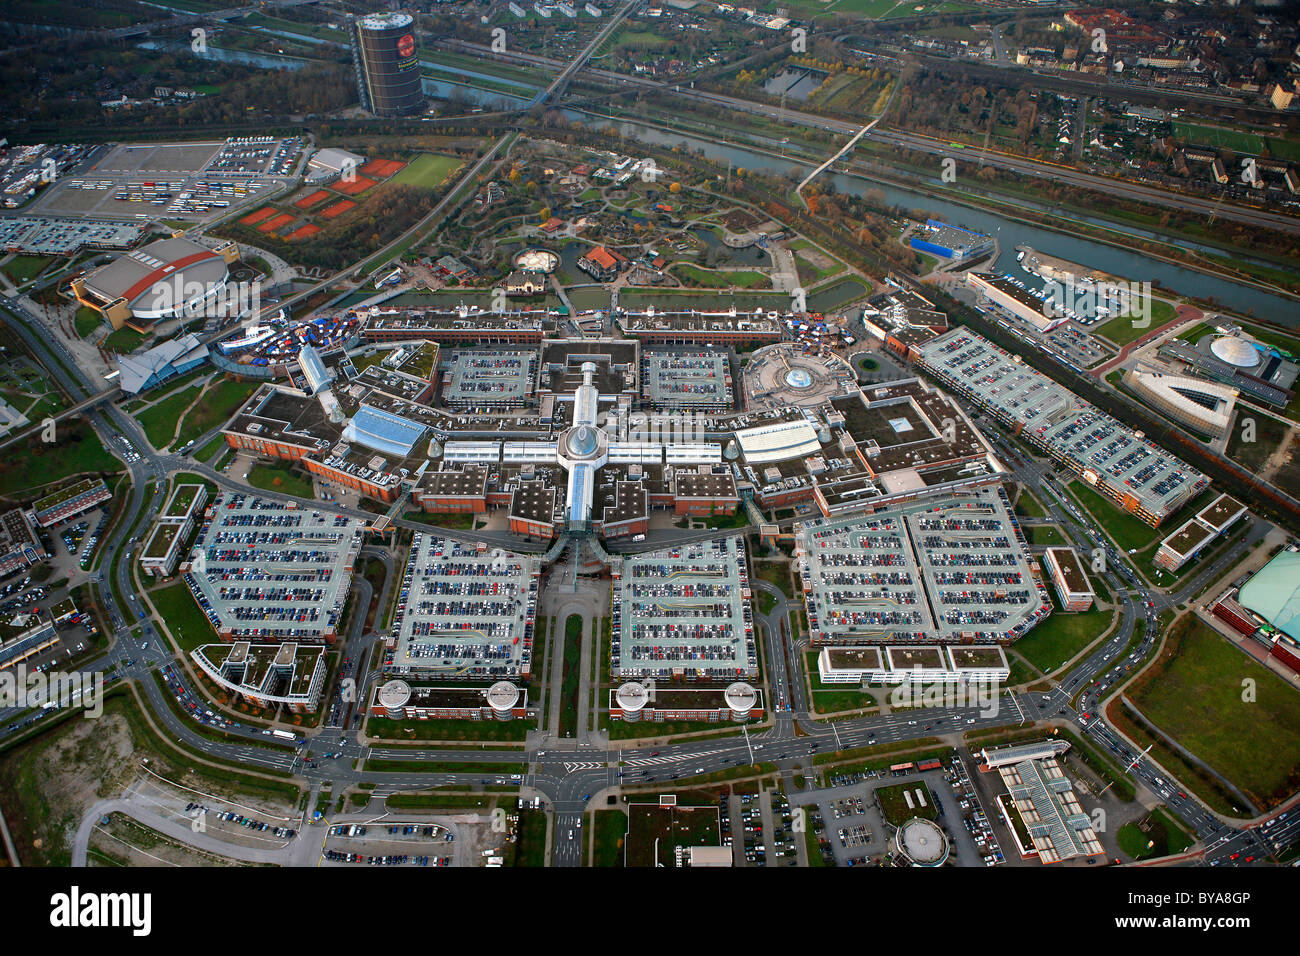 Luftbild Weihnachtsmarkt Einkaufszentrum Centro Neue